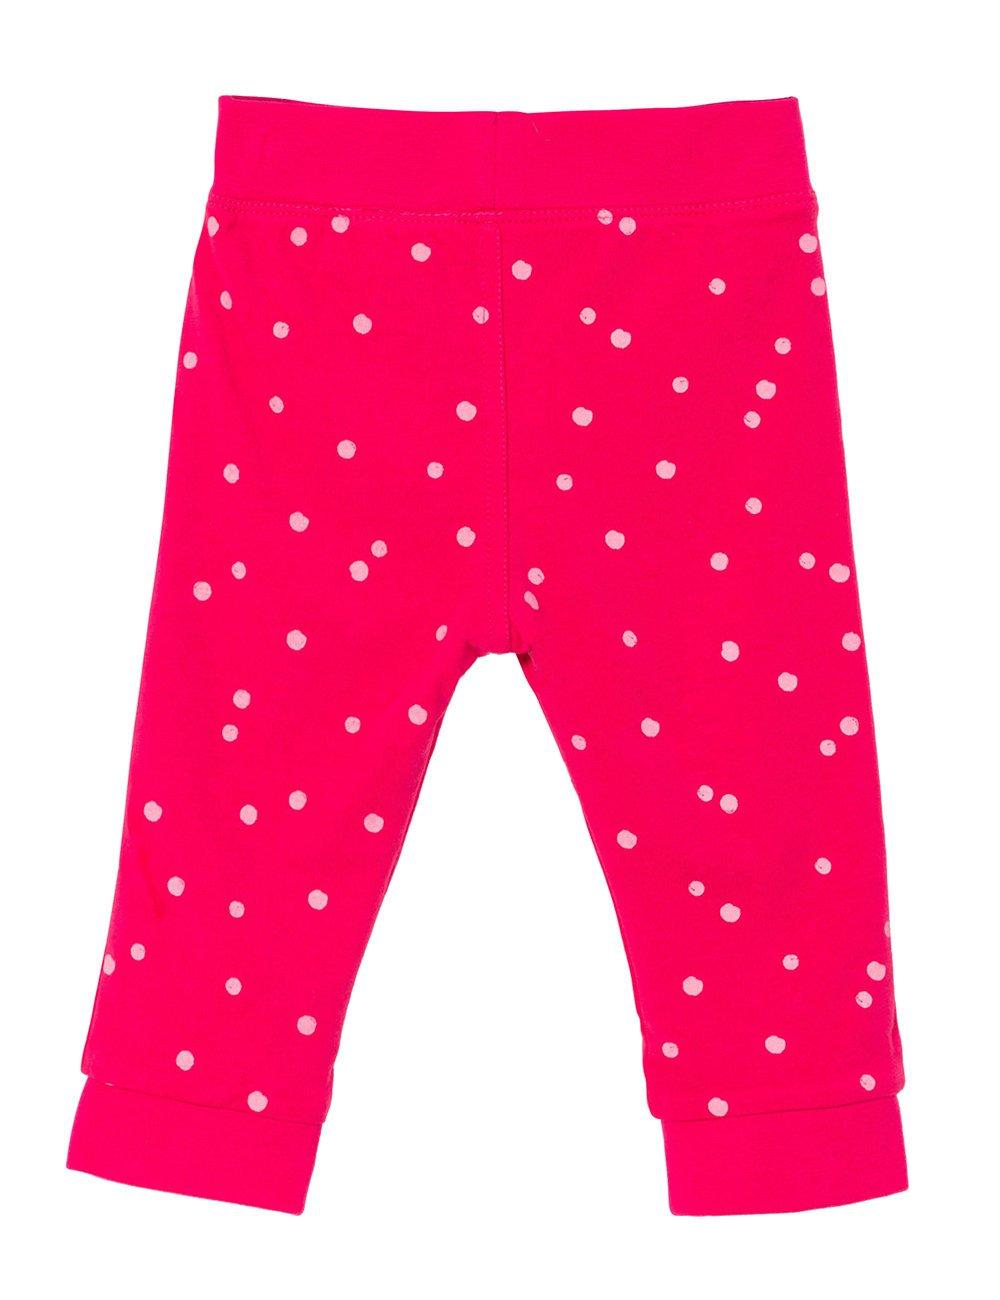 Desigual Pant_ahslan Pantalones de Deporte para Bebés 2